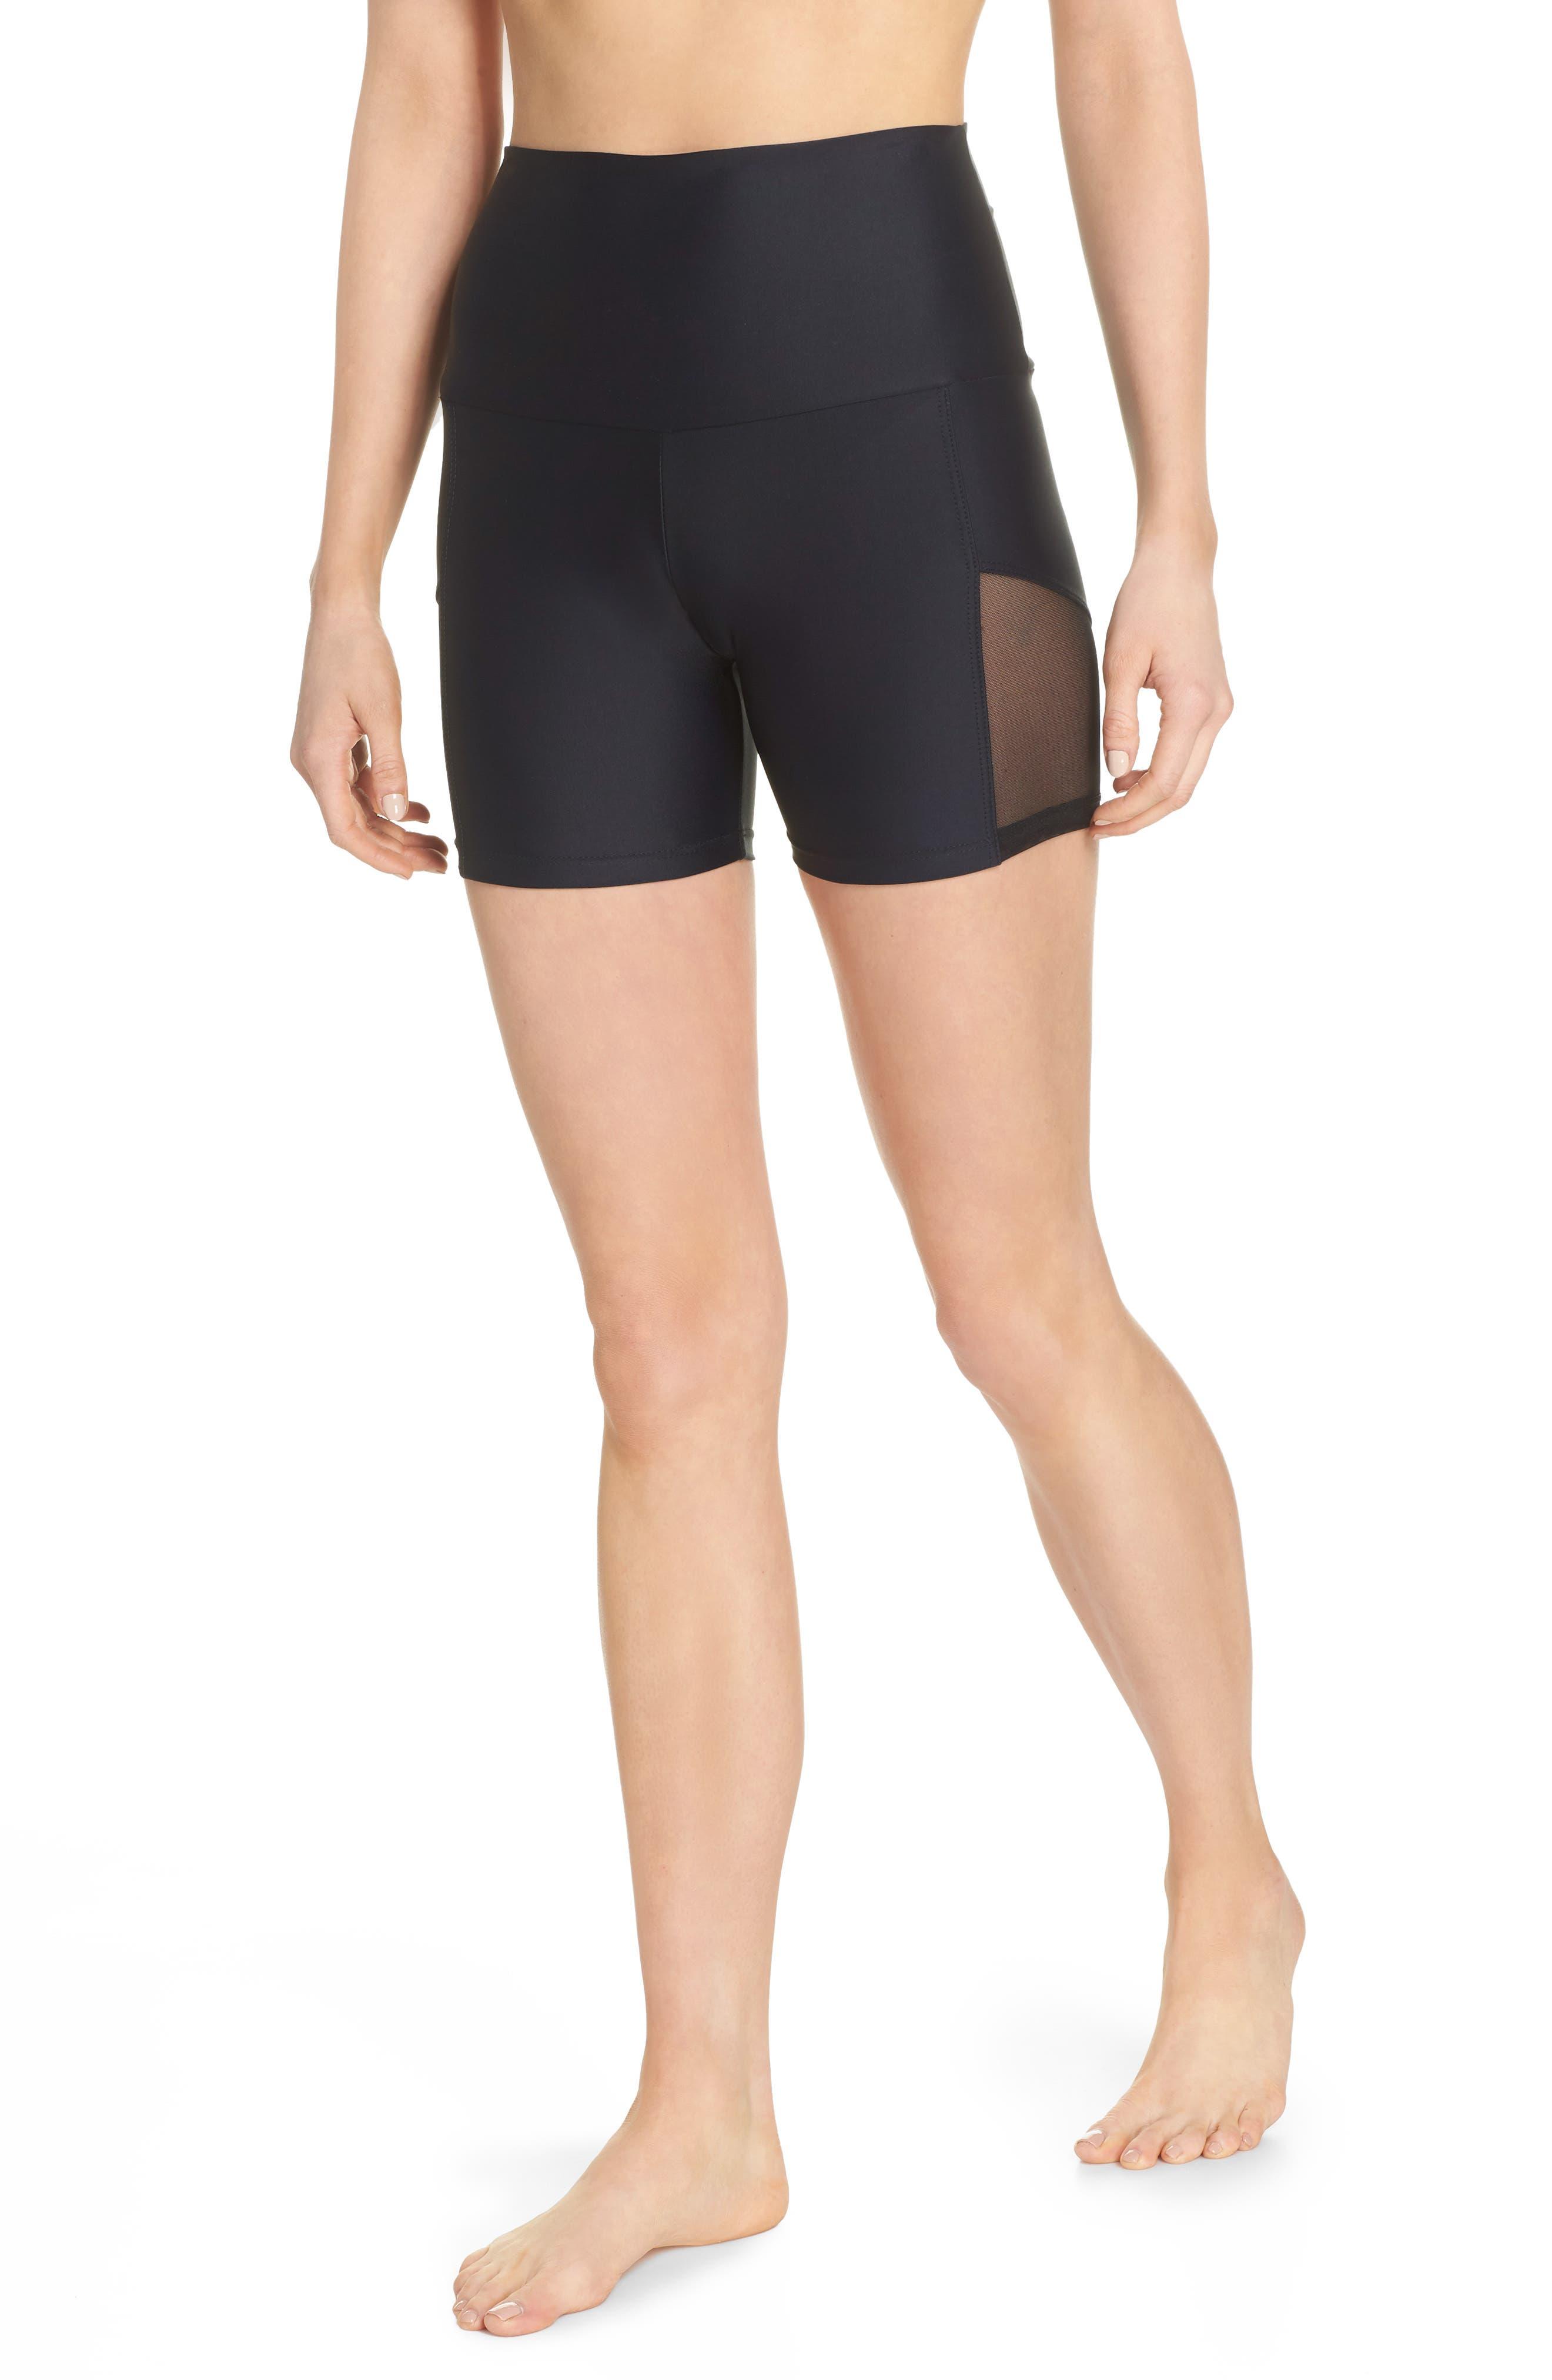 Stunner Shorts,                             Main thumbnail 1, color,                             Black